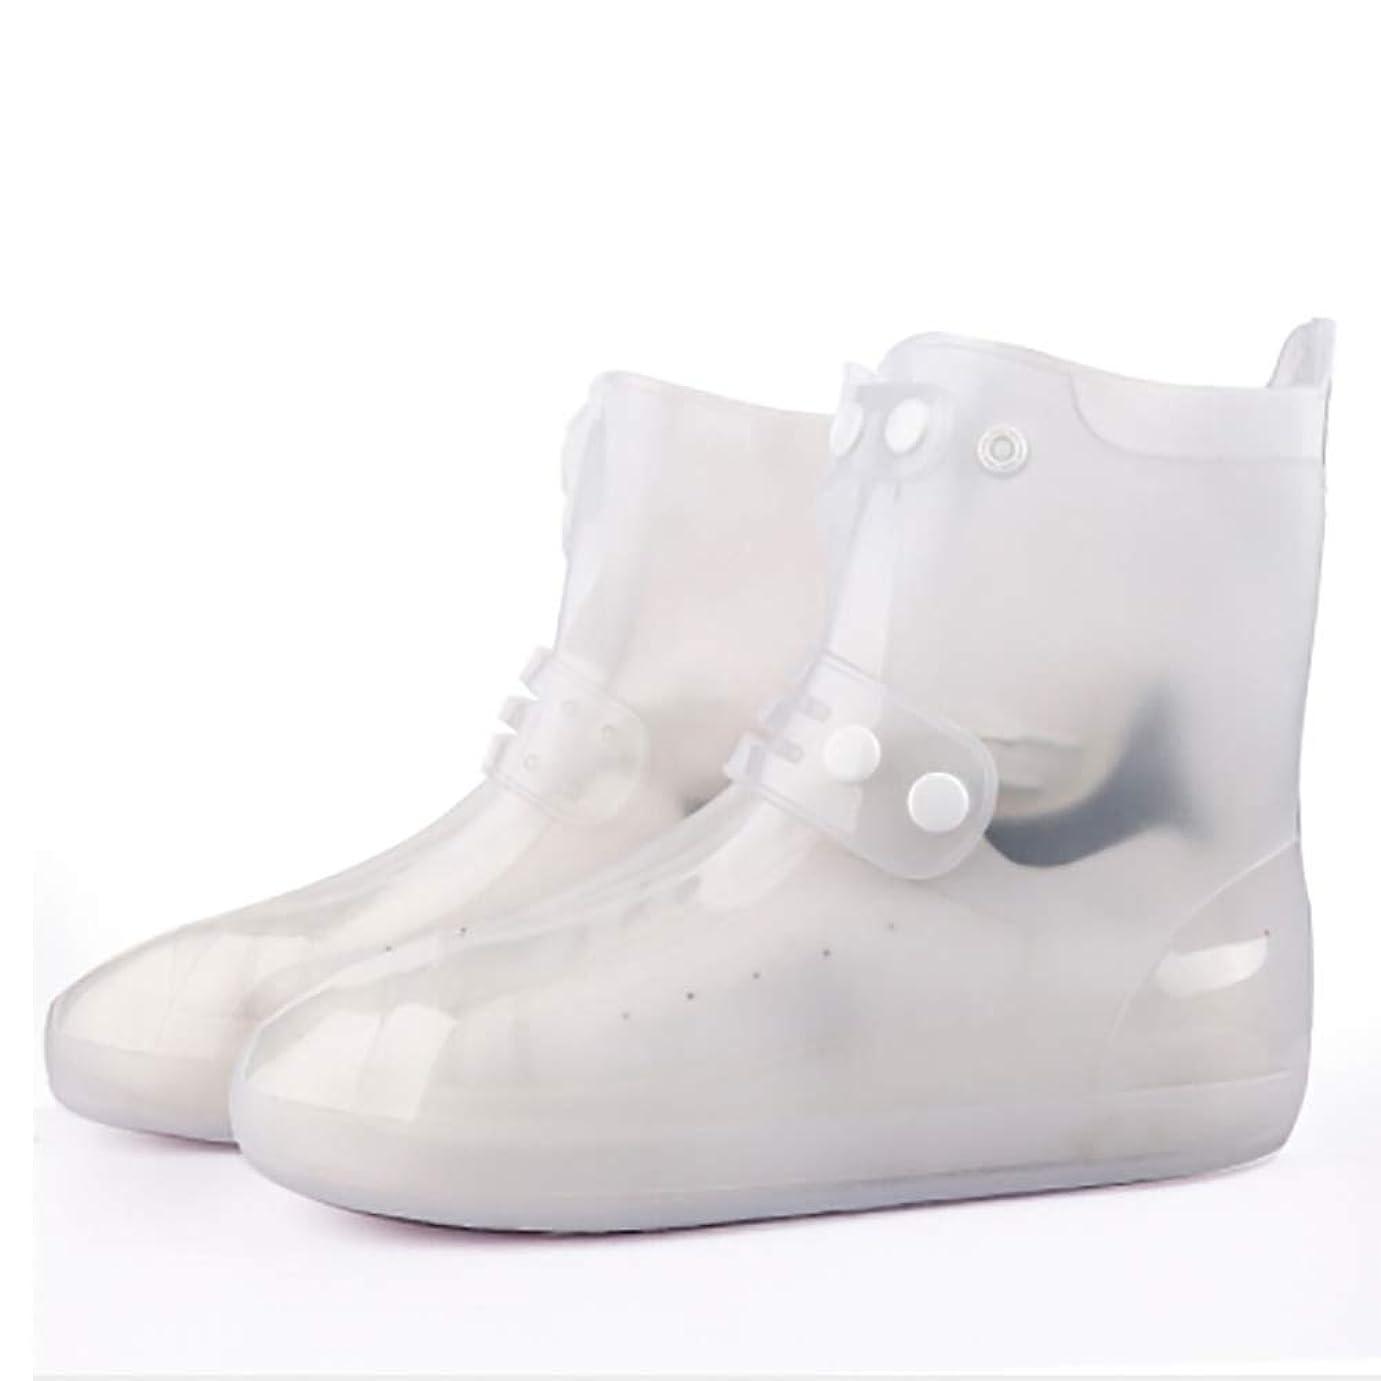 理解十分ですホップ[HEXIN BAG] 防風靴Fashional大人の雨天防水レインブーツカバー滑り止め耐摩耗ブーツカバー靴カバー滑り止めレインブーツプロテクター